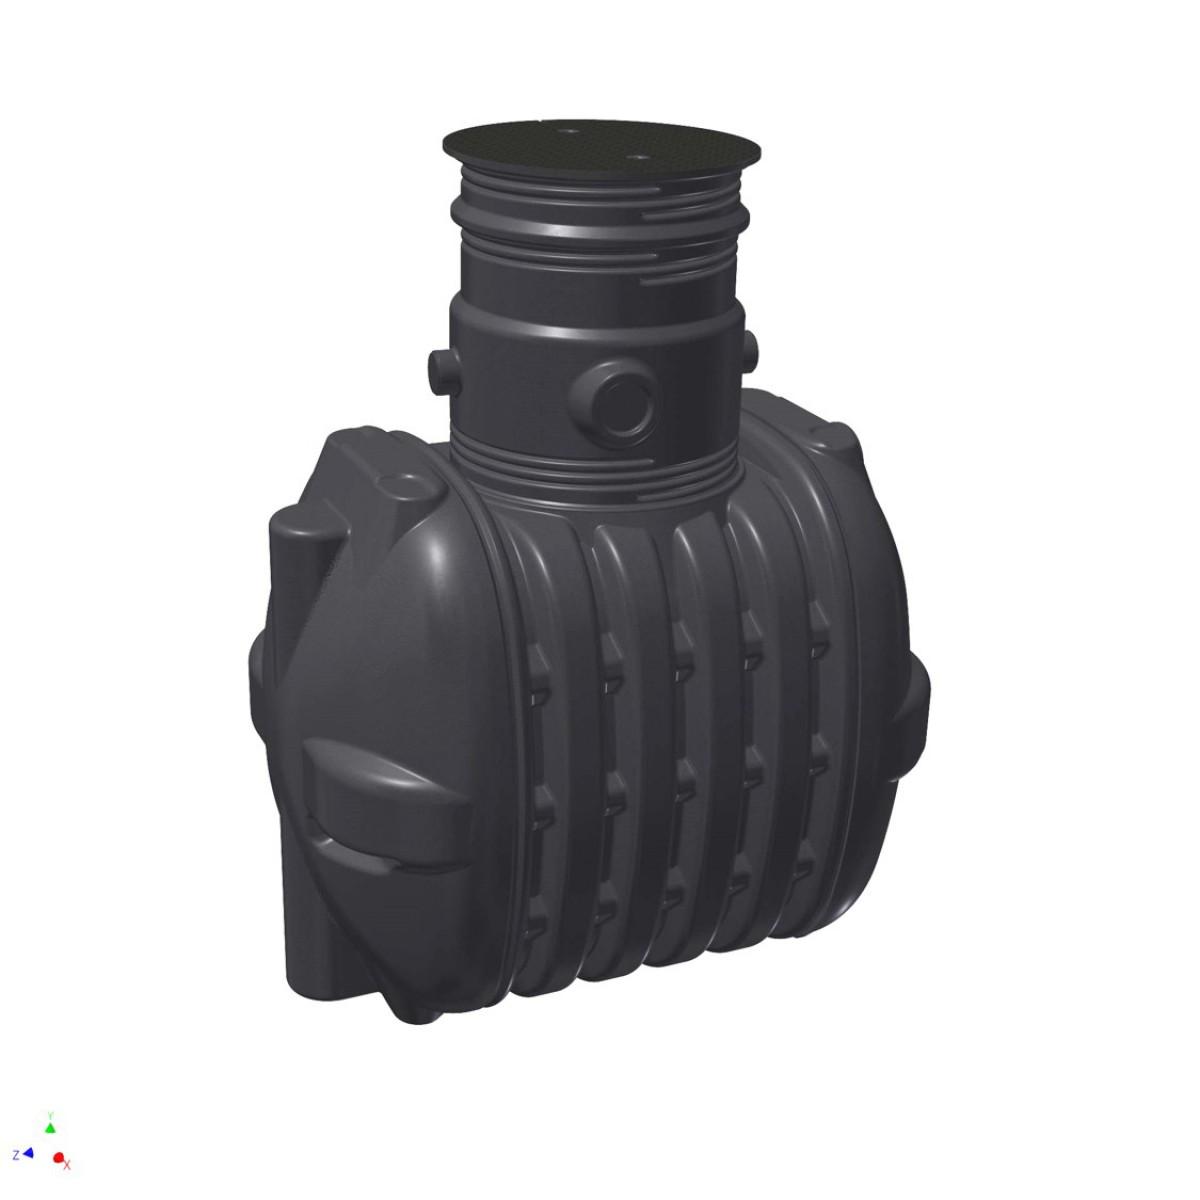 Zisterne 2000 Liter : zisterne austria basis 2000 liter ~ Lizthompson.info Haus und Dekorationen